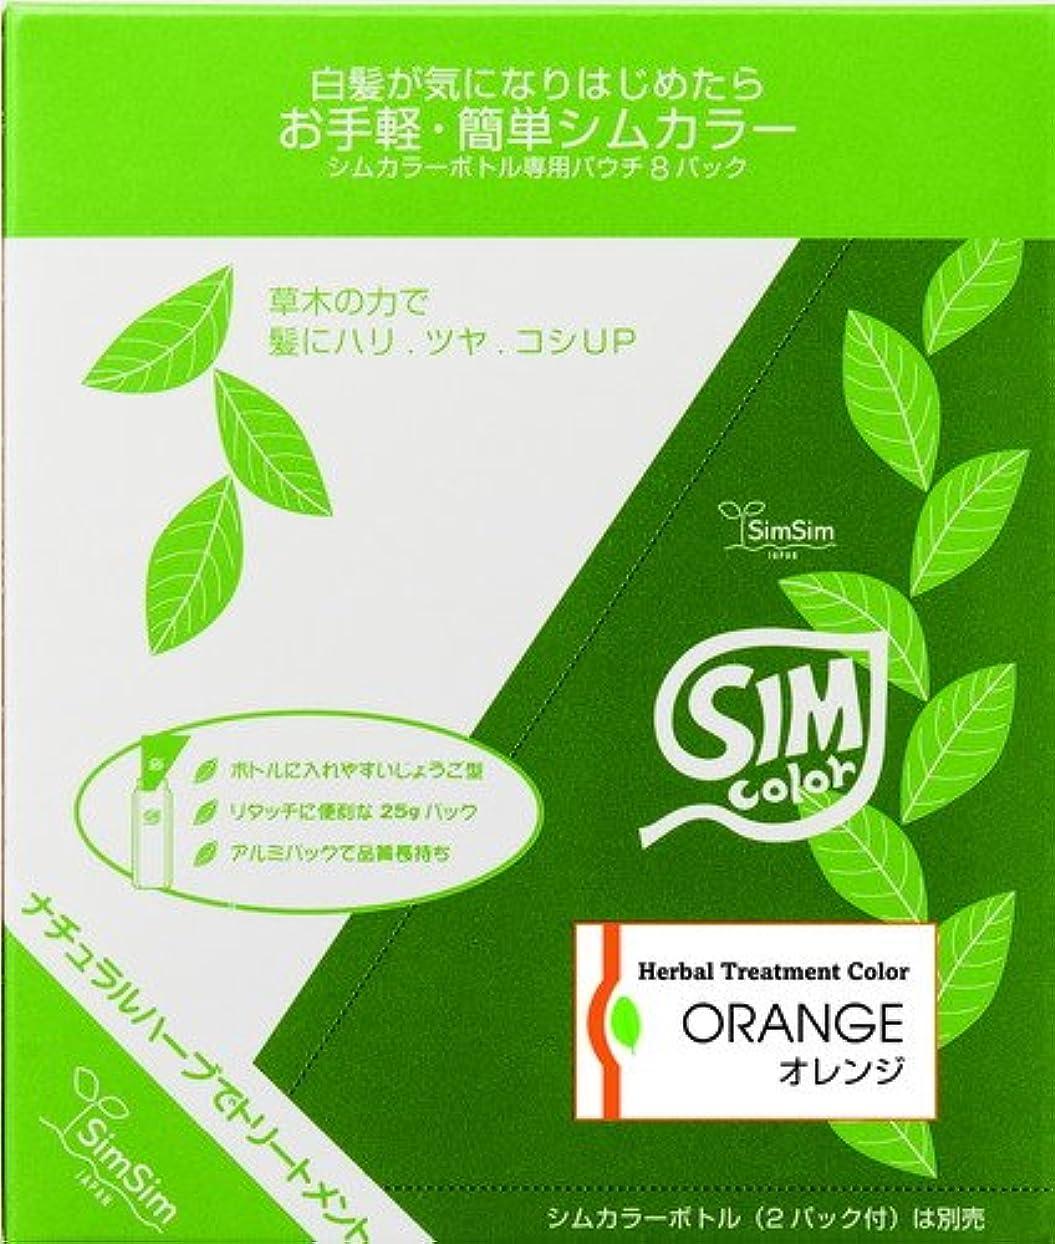 ベッド起こる決済SimSim(シムシム)お手軽簡単シムカラーエクストラ(EX)25g 8袋 オレンジ